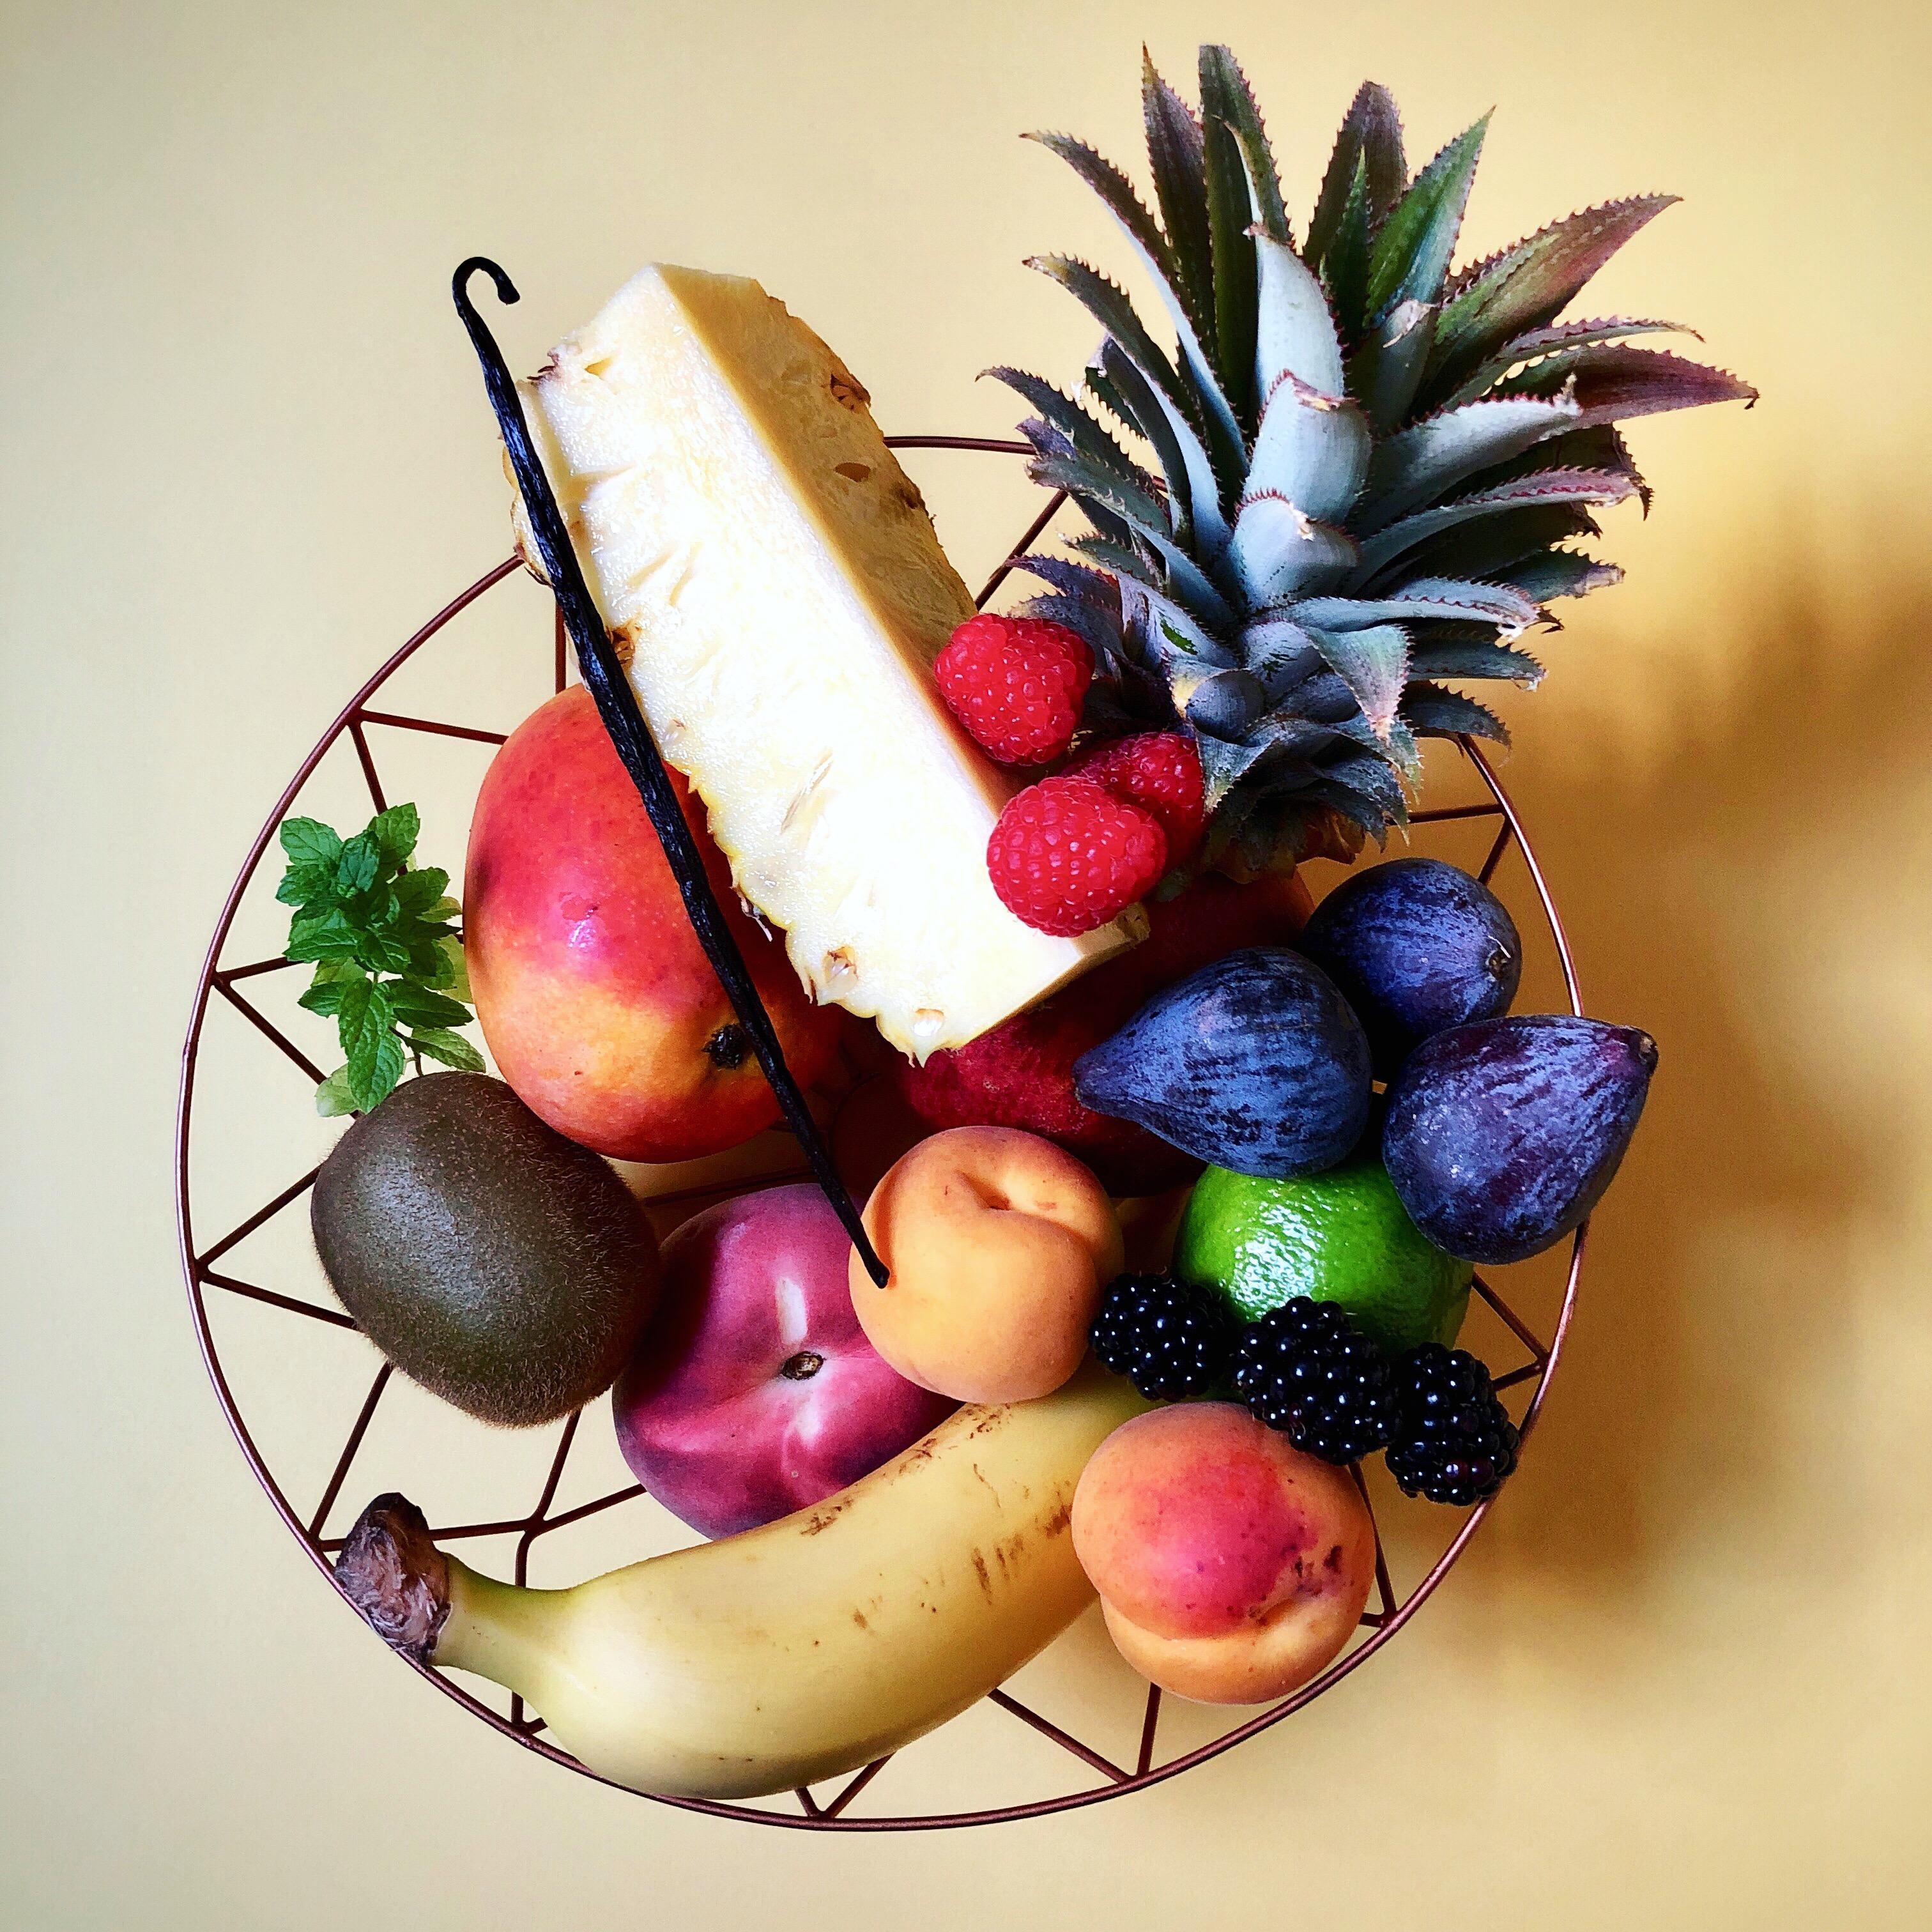 IMG 3307 - Salade de fruits jolie jolie